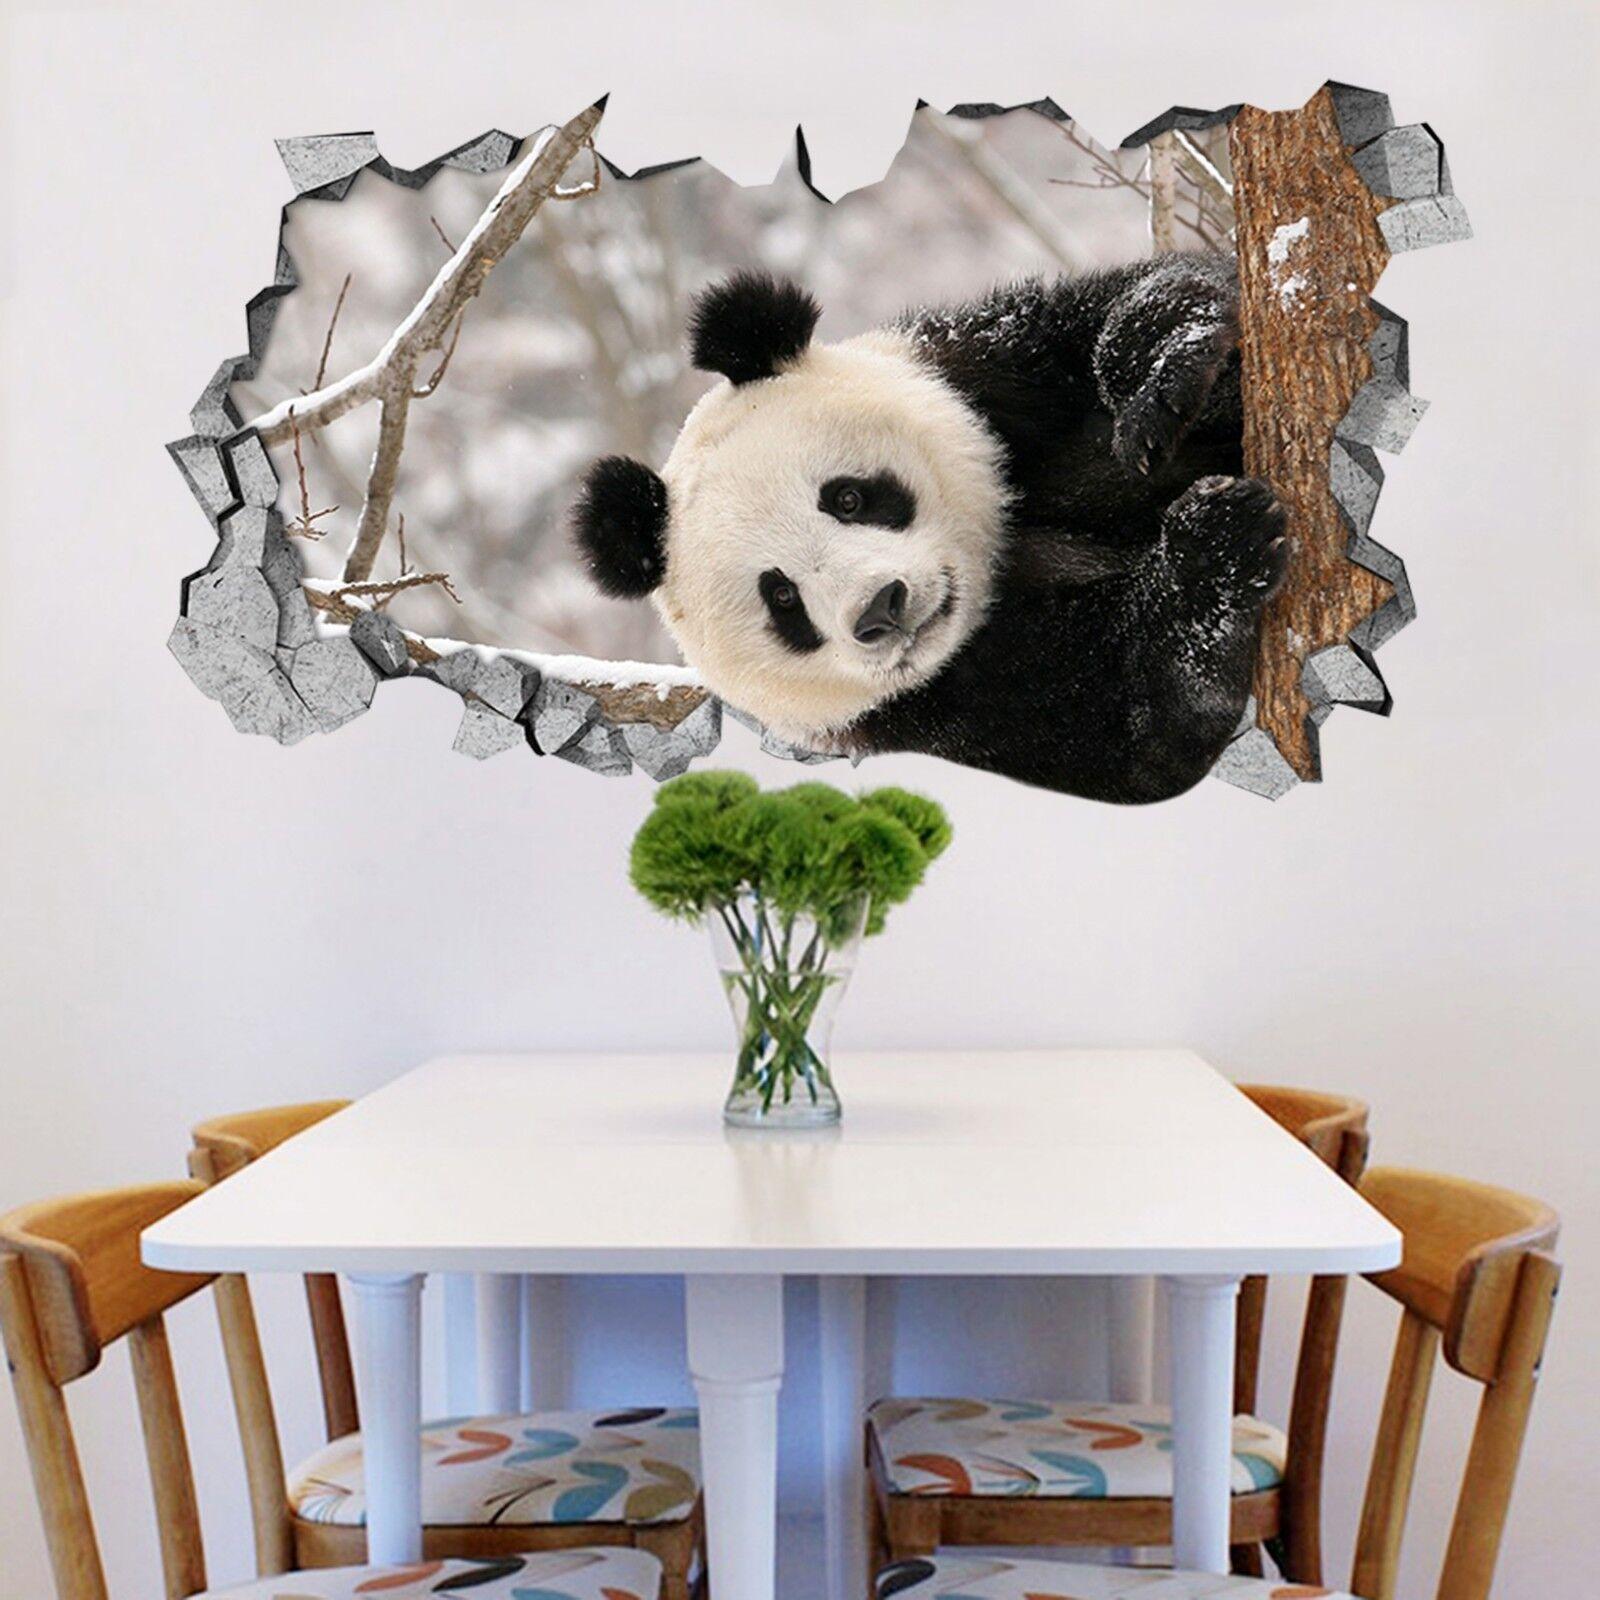 3D Schnee Panda 320 Mauer Murals Mauer Aufklebe Decal Durchbruch AJ WALLPAPER DE